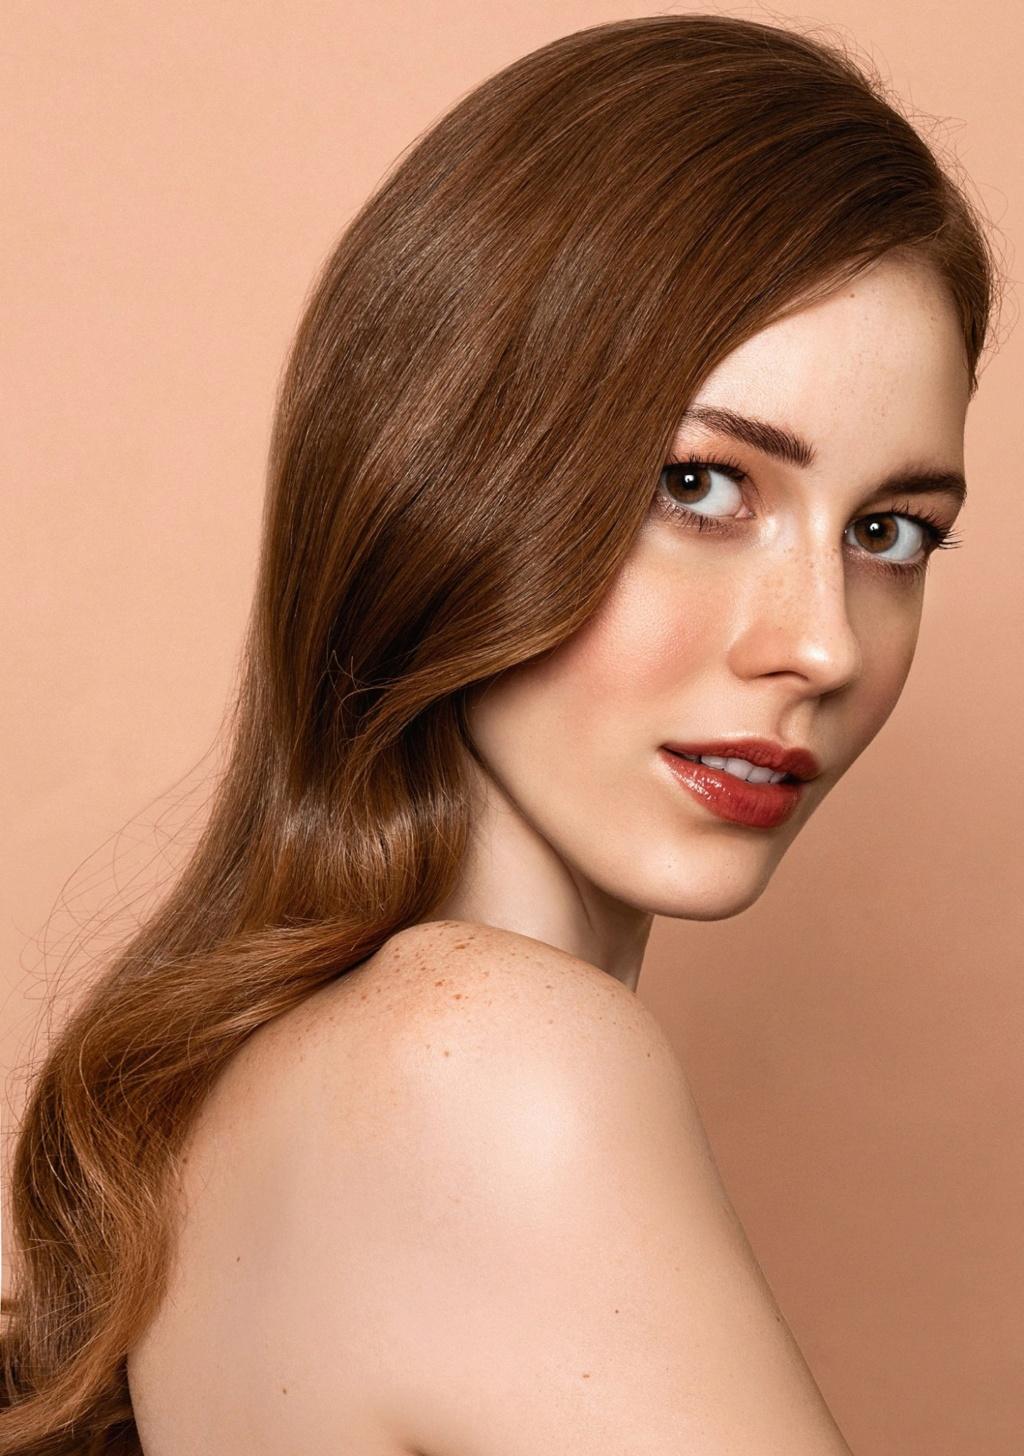 Miss Slovensko 2019 is Frederika Kurtulikova - Page 2 51977310